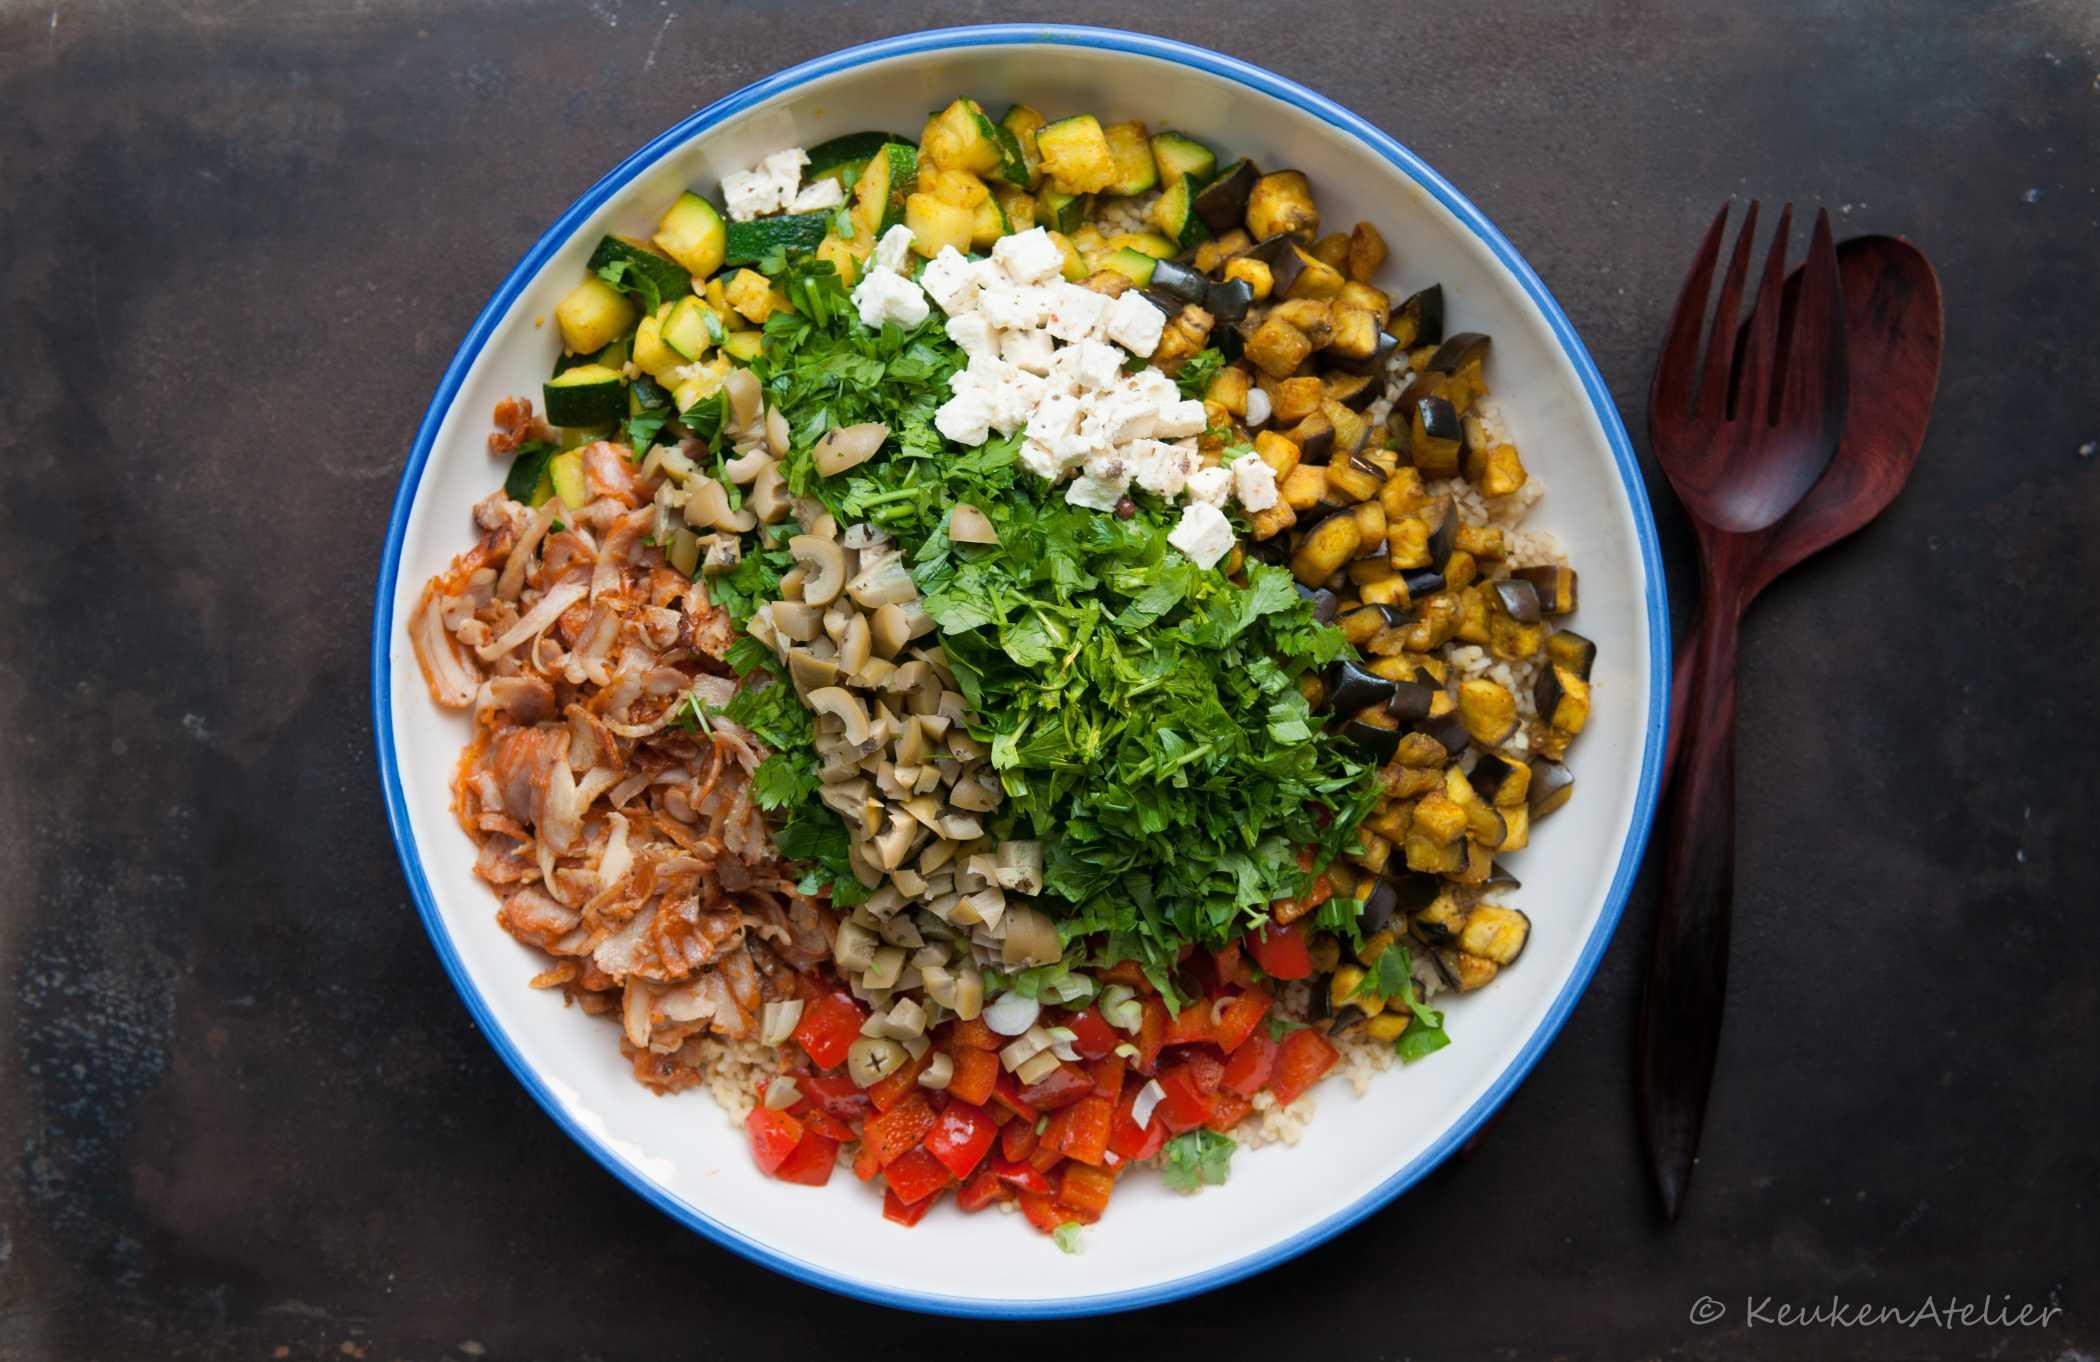 Bulgur salade met ras el hanout 3 | KeukenAtelier